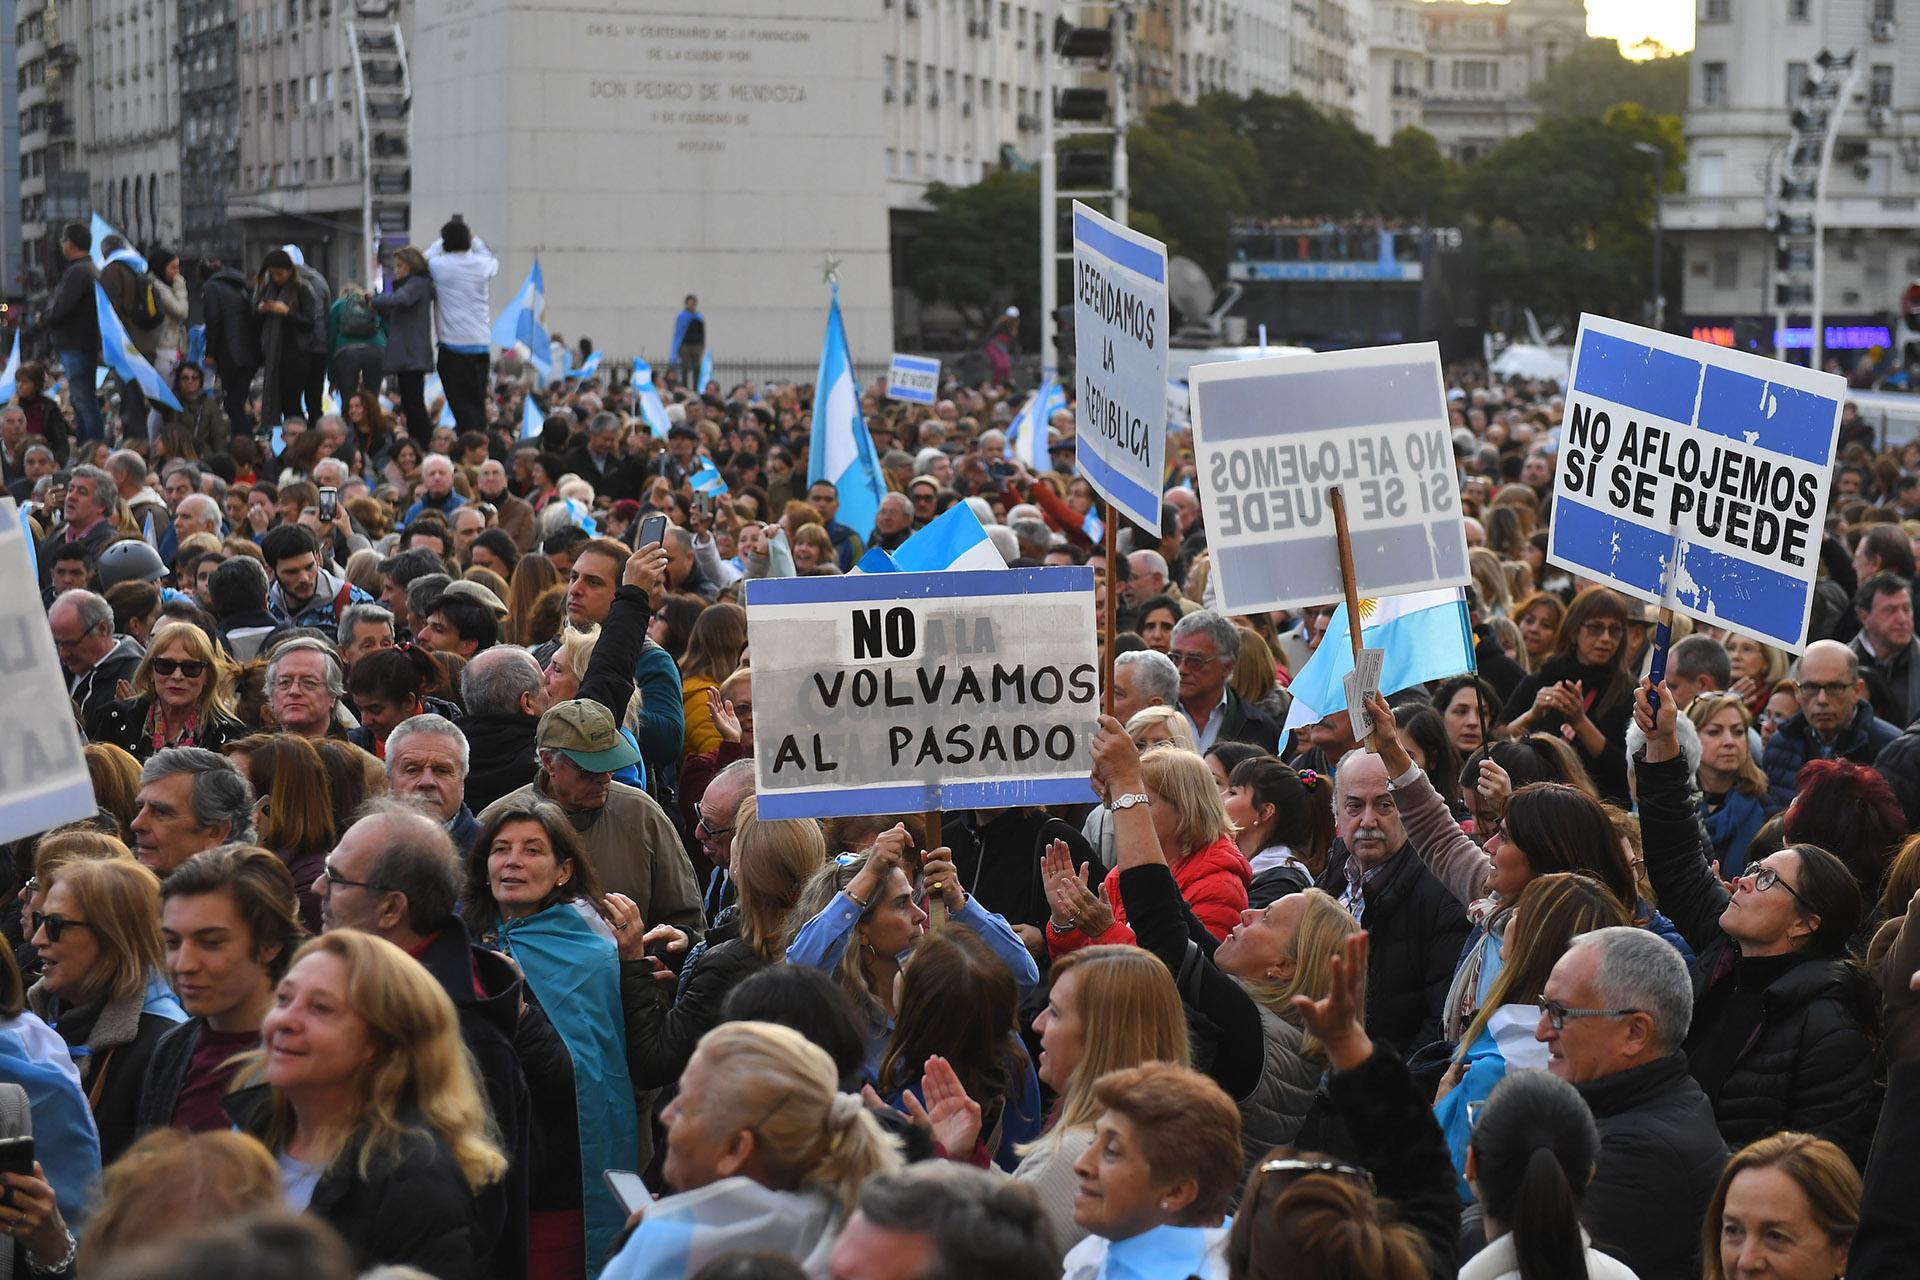 """El principal mensaje de los carteles: no volver al pasado y la tradicional consigna """"Sí se puede"""""""